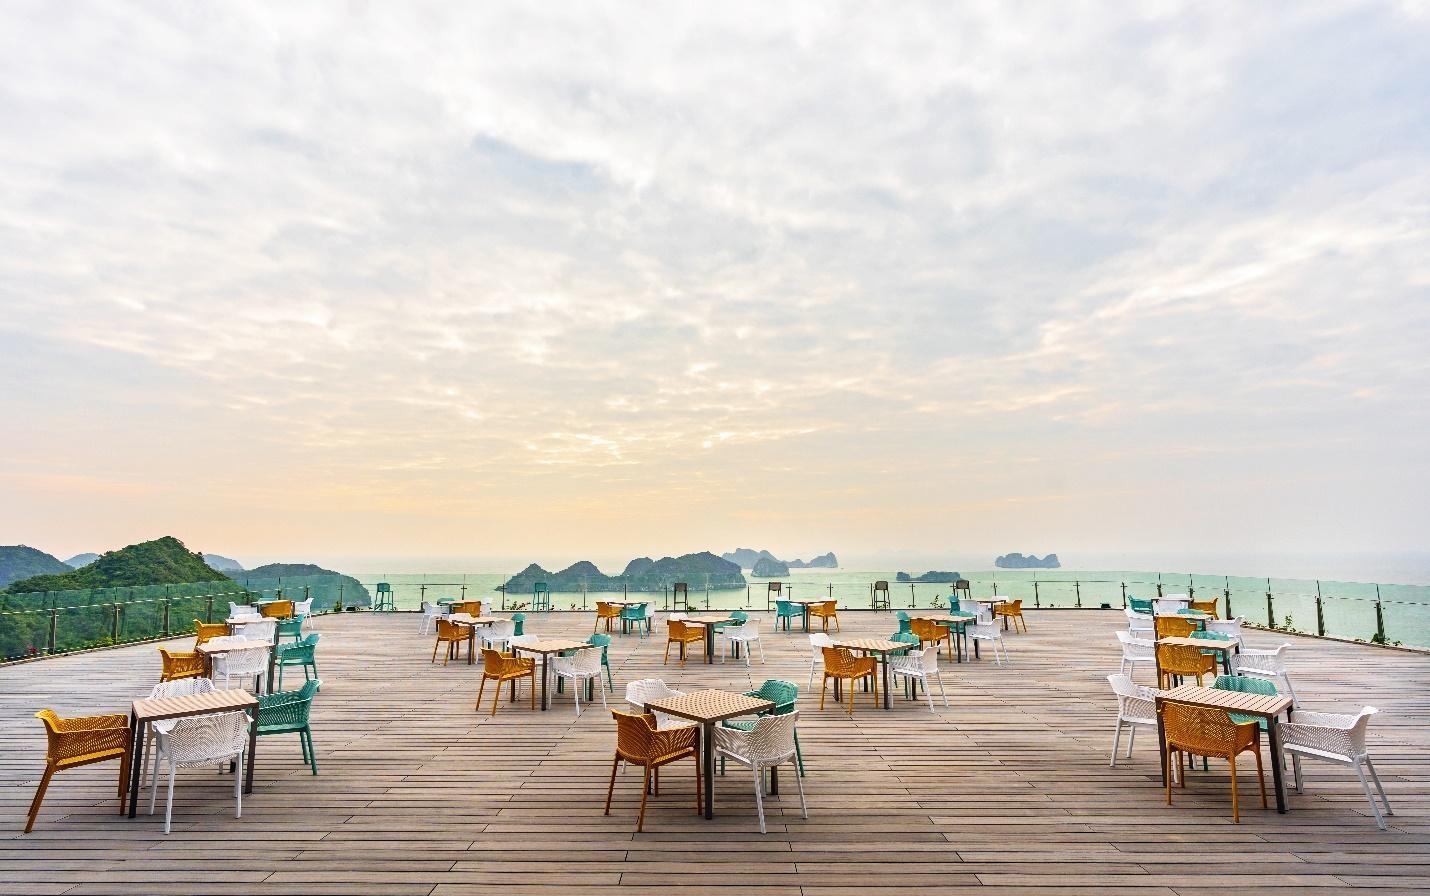 Sky Bar - nơi mang tới cho du khách cảm giác thư thái ngắm vịnh Lan Hạ